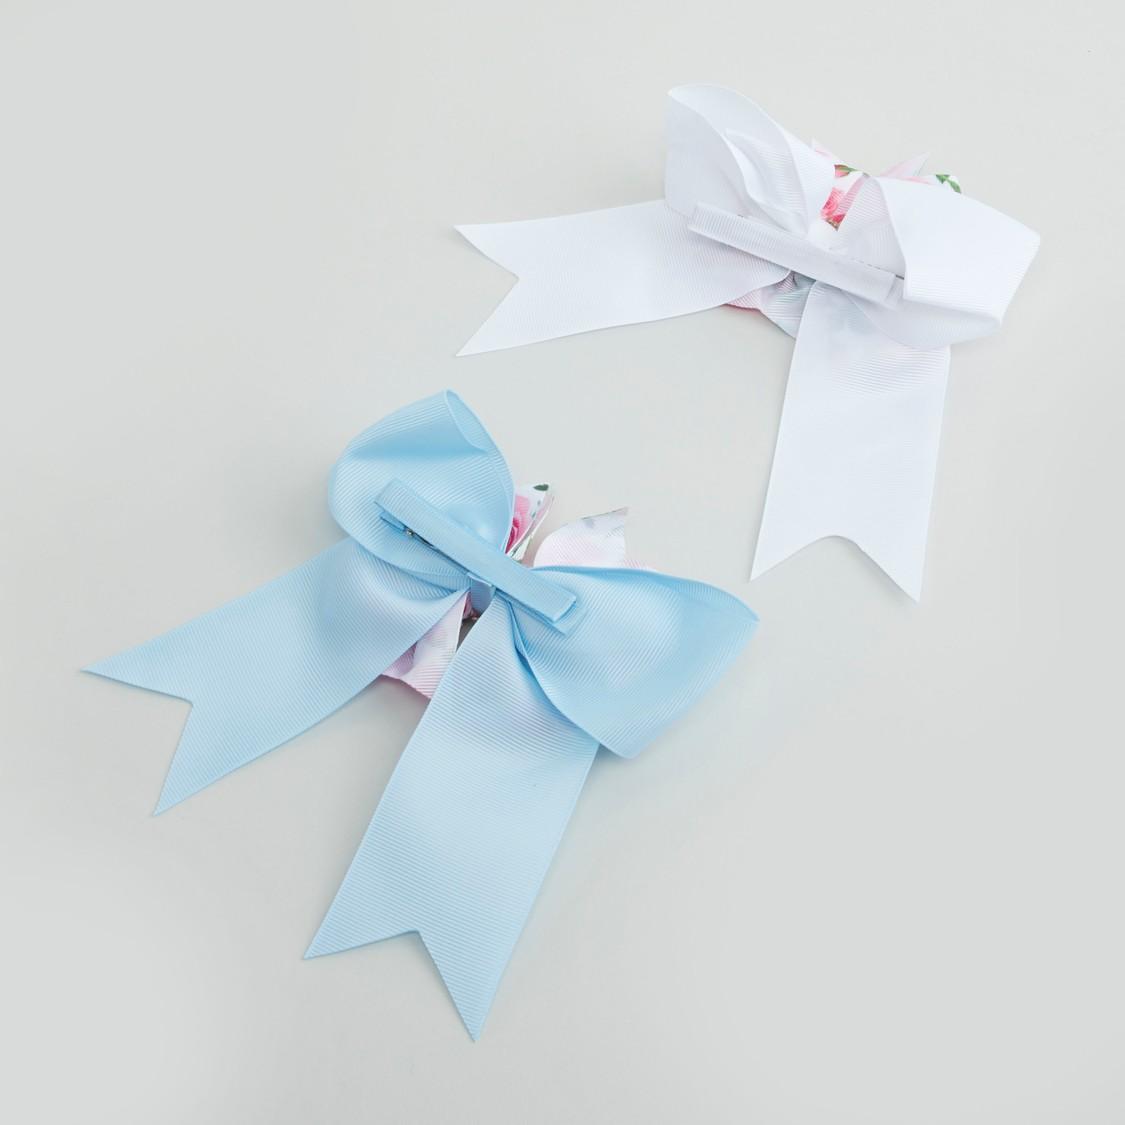 مشبك شعر بتصميم أزهار وفيونكة- طقم من قطعتين